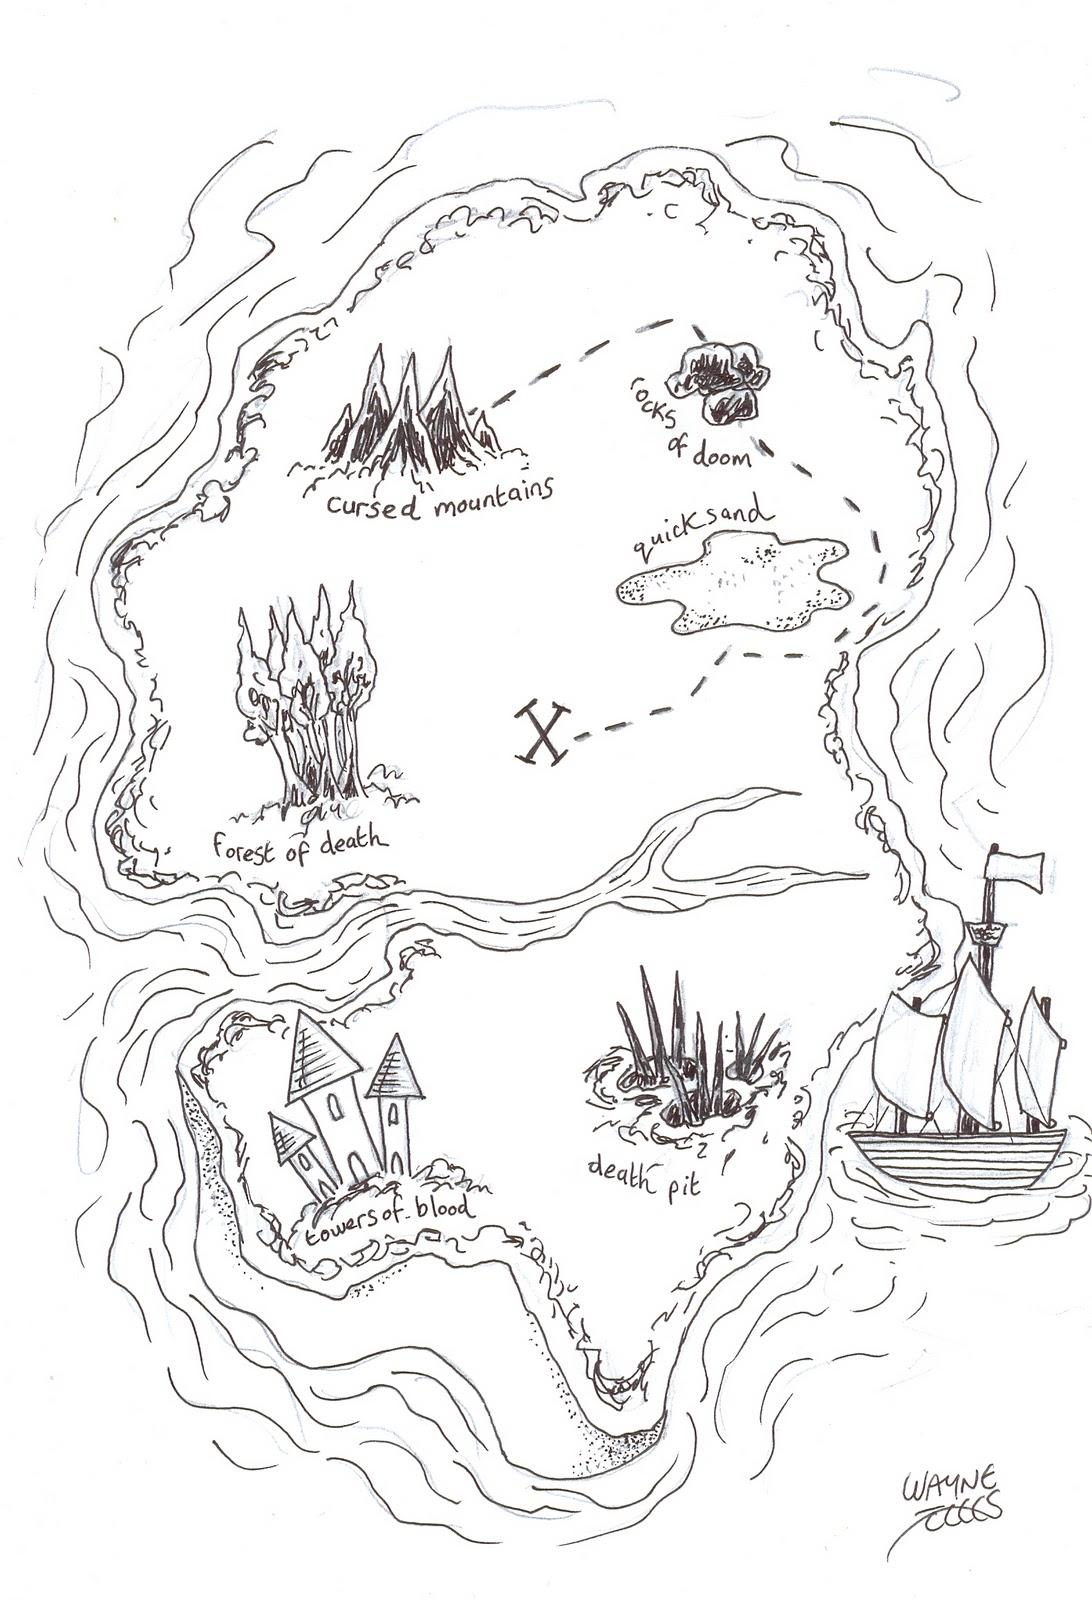 3bpblogspot ECN60Fh Xjo TOLirkt8F8I AAAAAAAAAo0 FQZS5yVEFfY S1600 Drawing A Treasure Map0001